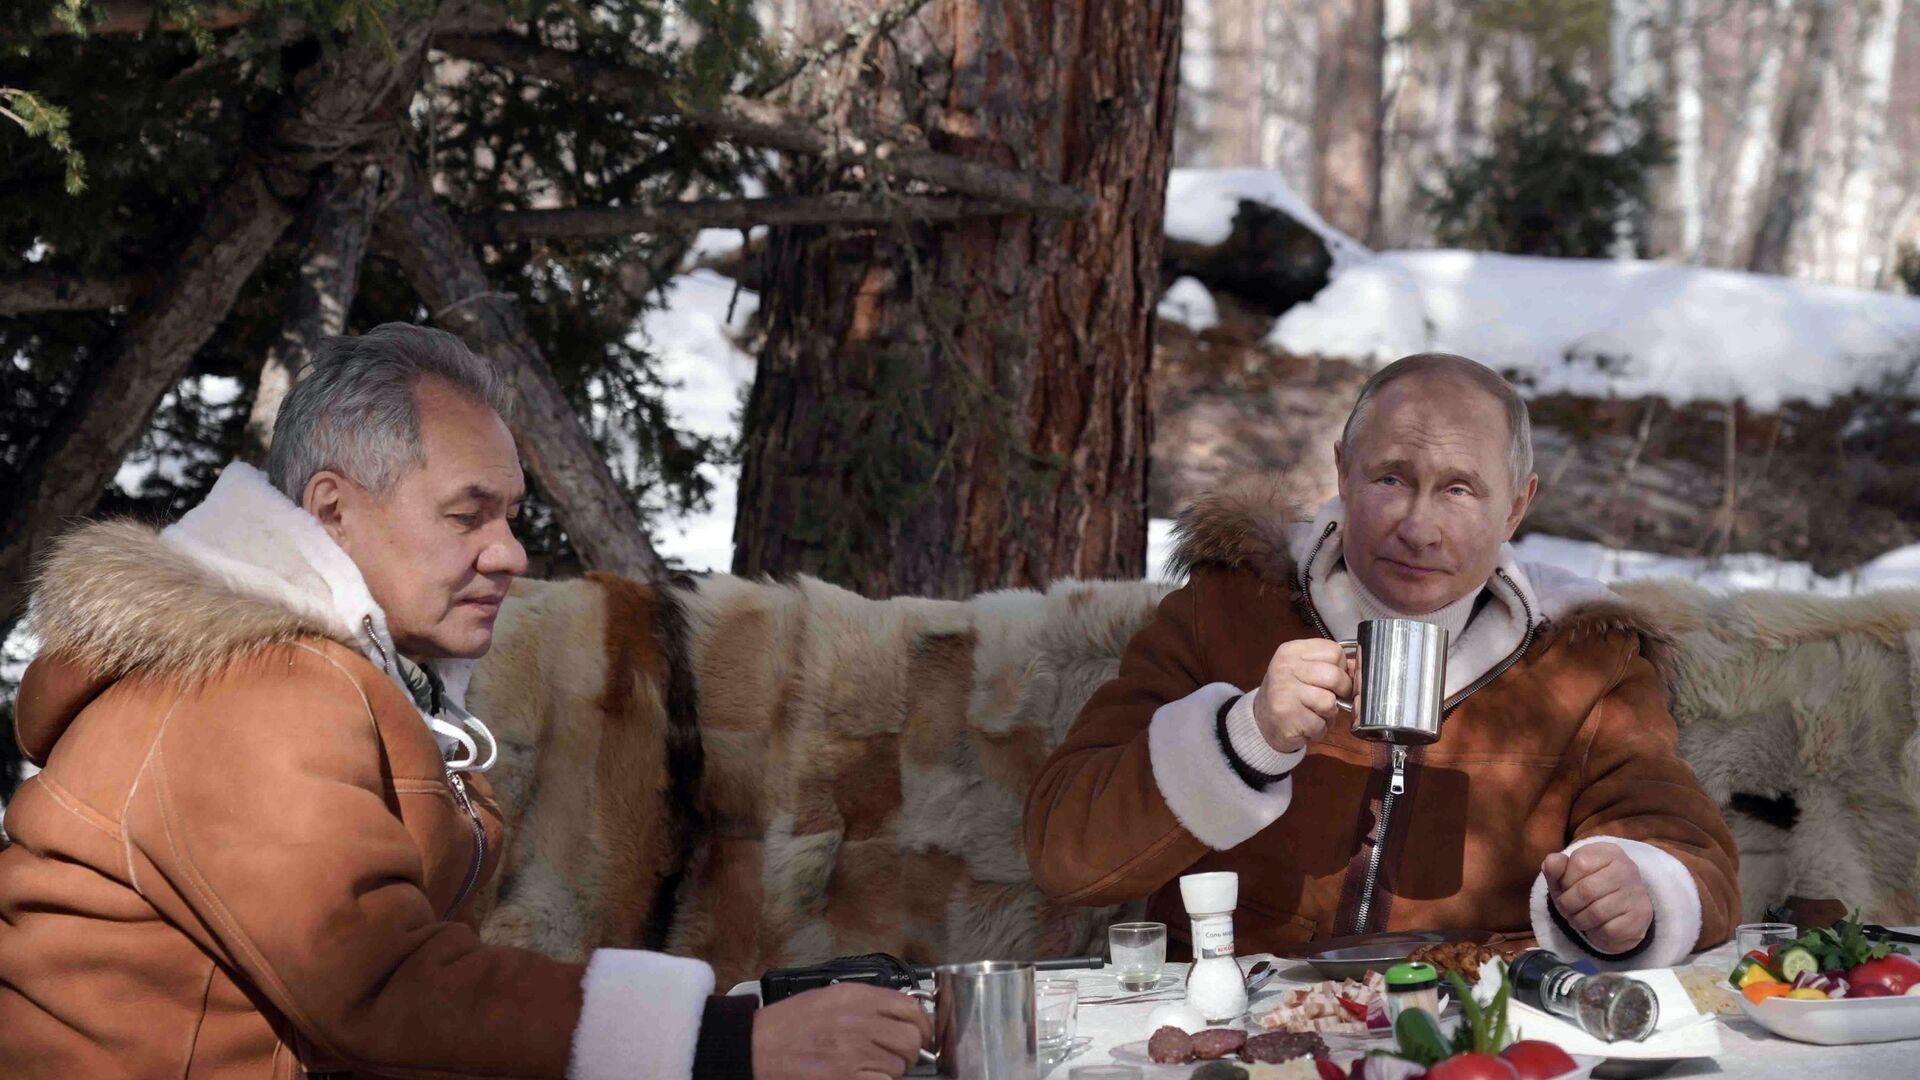 Tổng thống Nga Vladimir Putin và Bộ trưởng Quốc phòng Sergei Shoigu nghỉ ngơi trong rừng taiga. - Sputnik Việt Nam, 1920, 23.03.2021